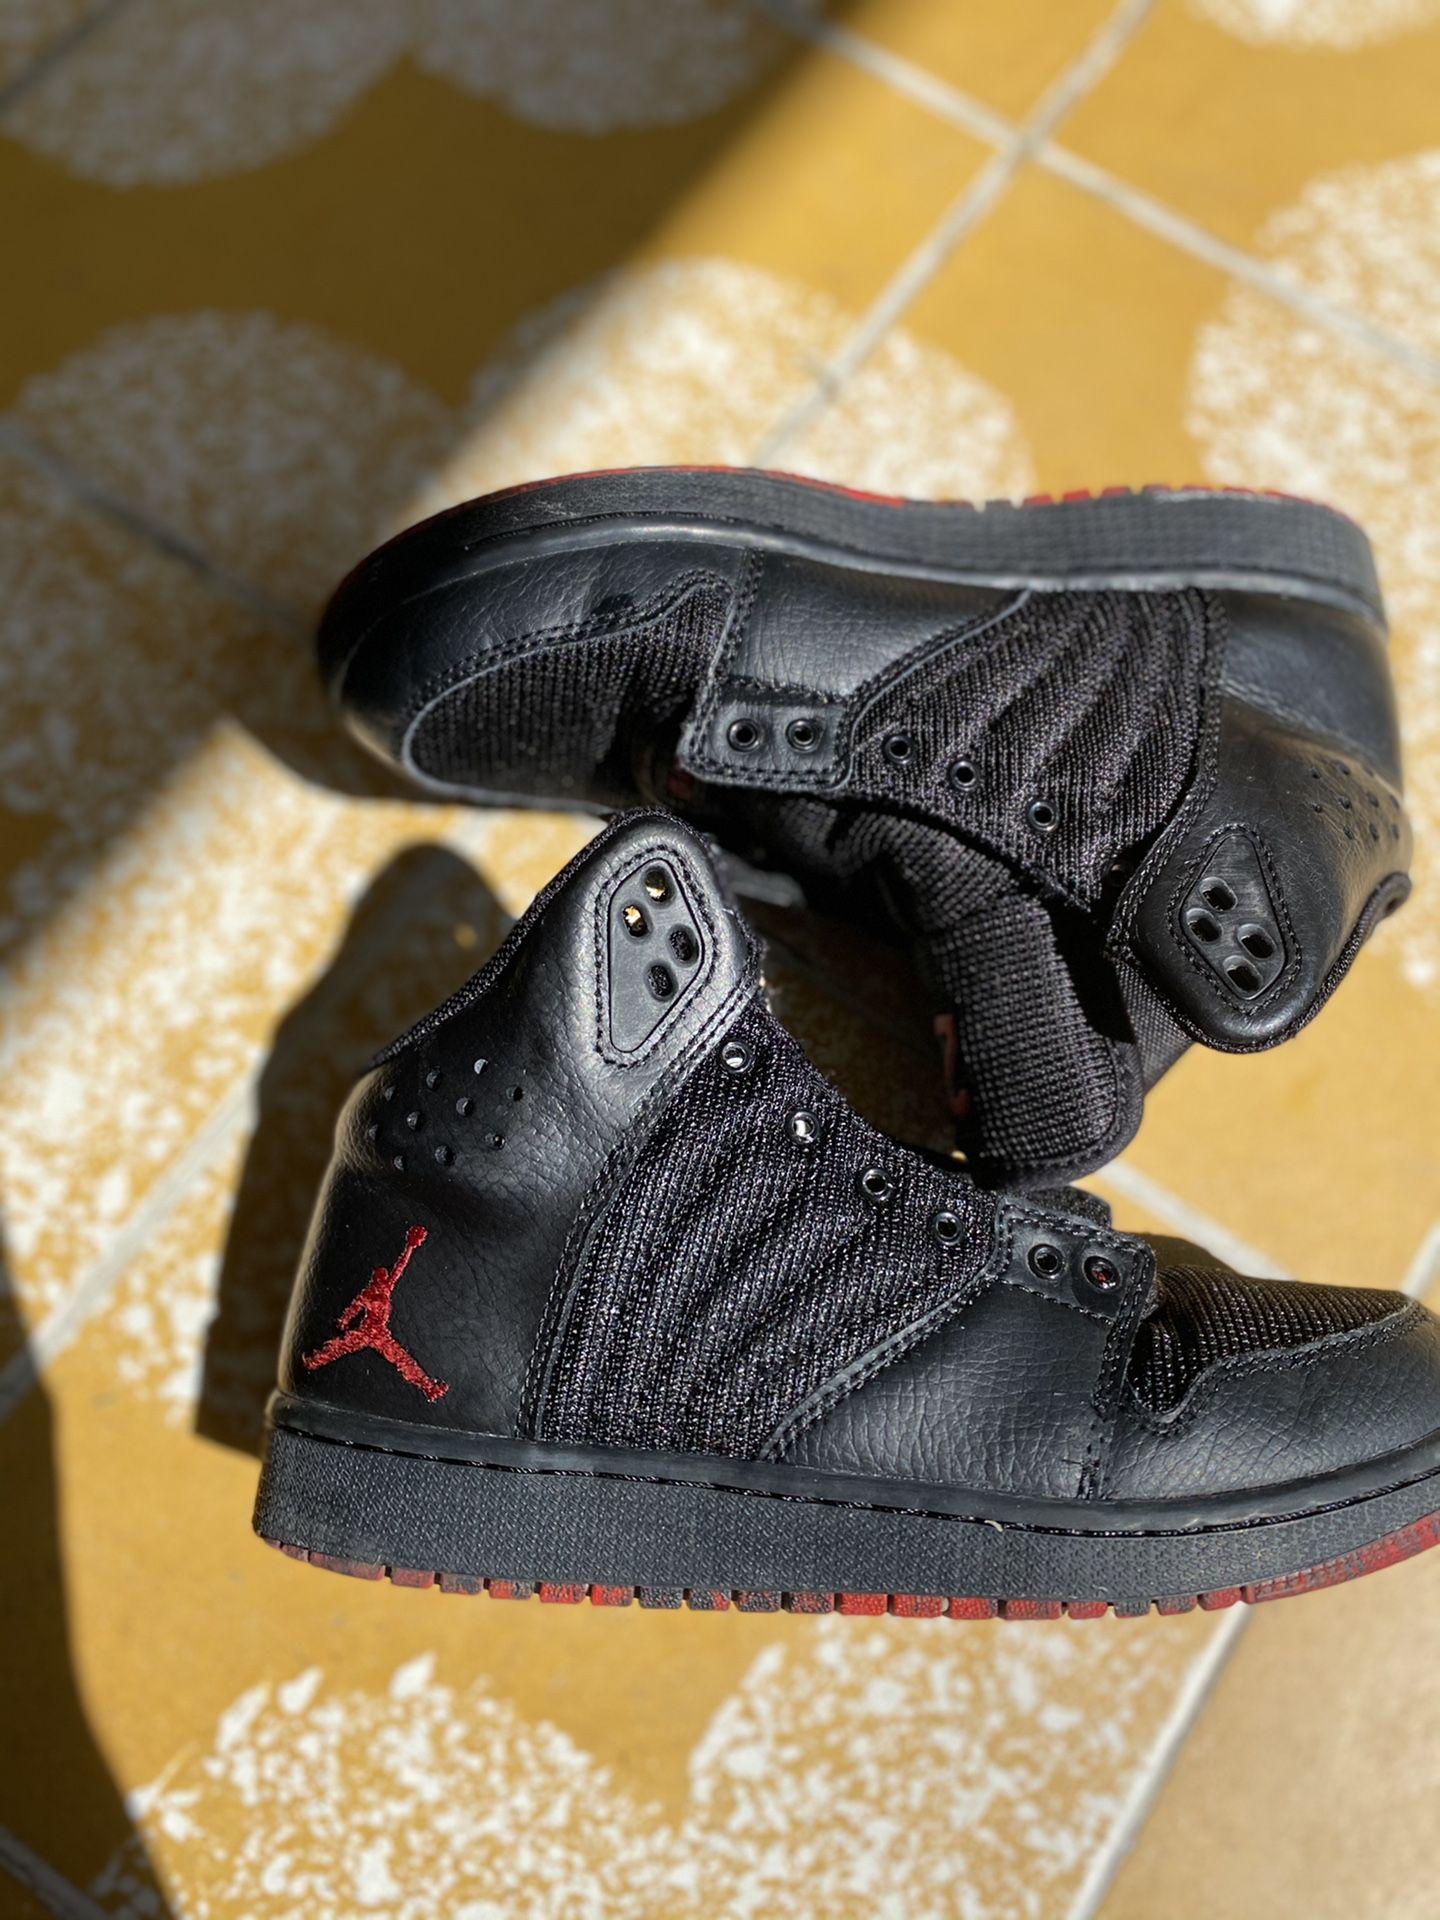 Jordan shoes boy size 4.5